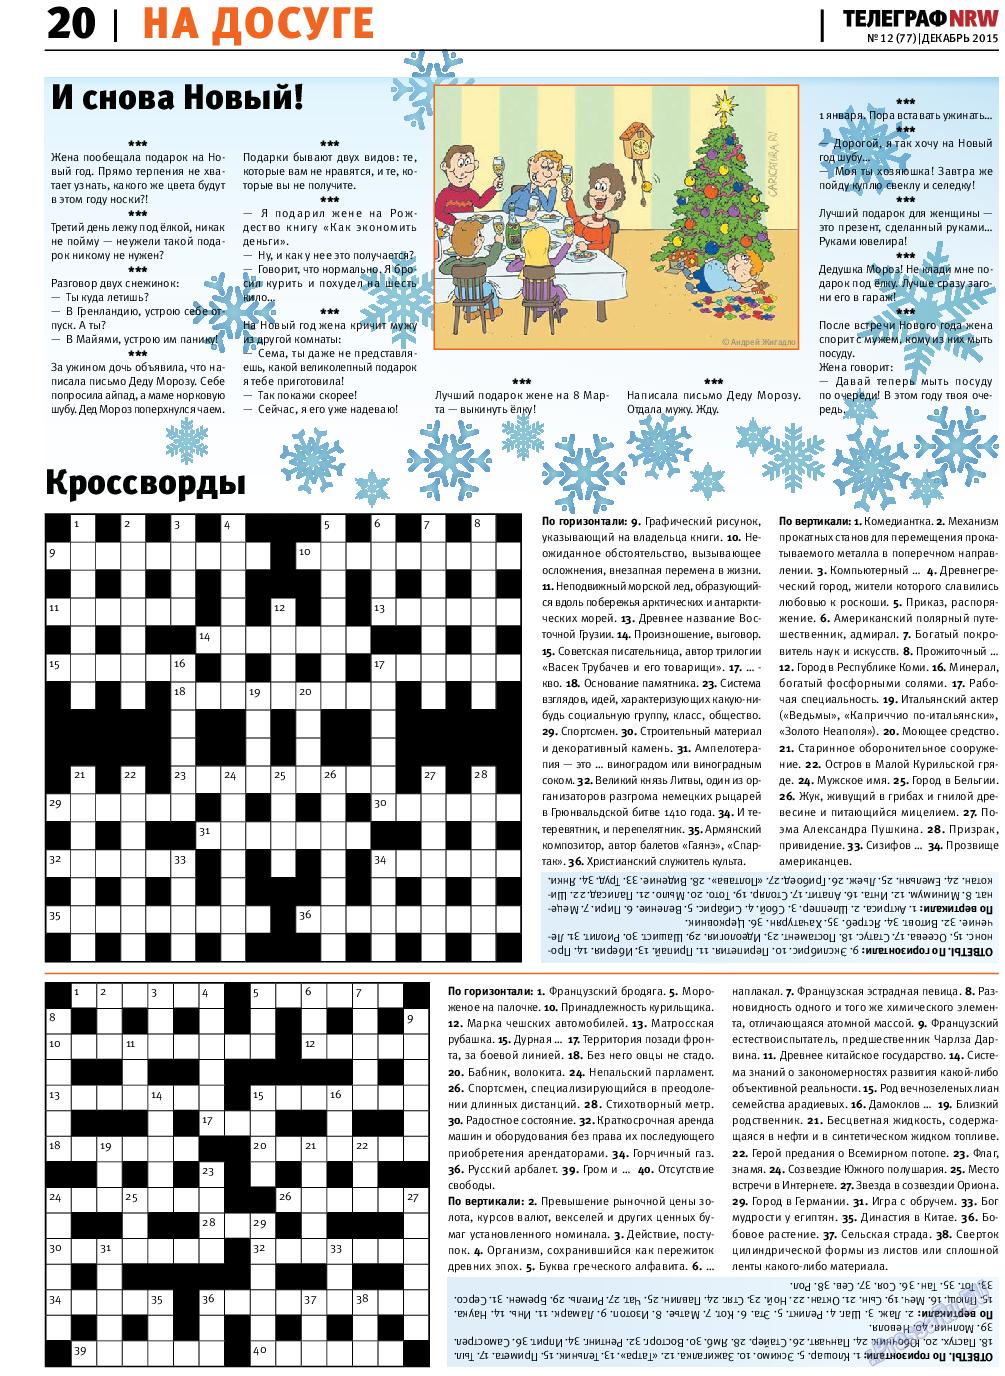 Телеграф NRW (газета). 2015 год, номер 12, стр. 20